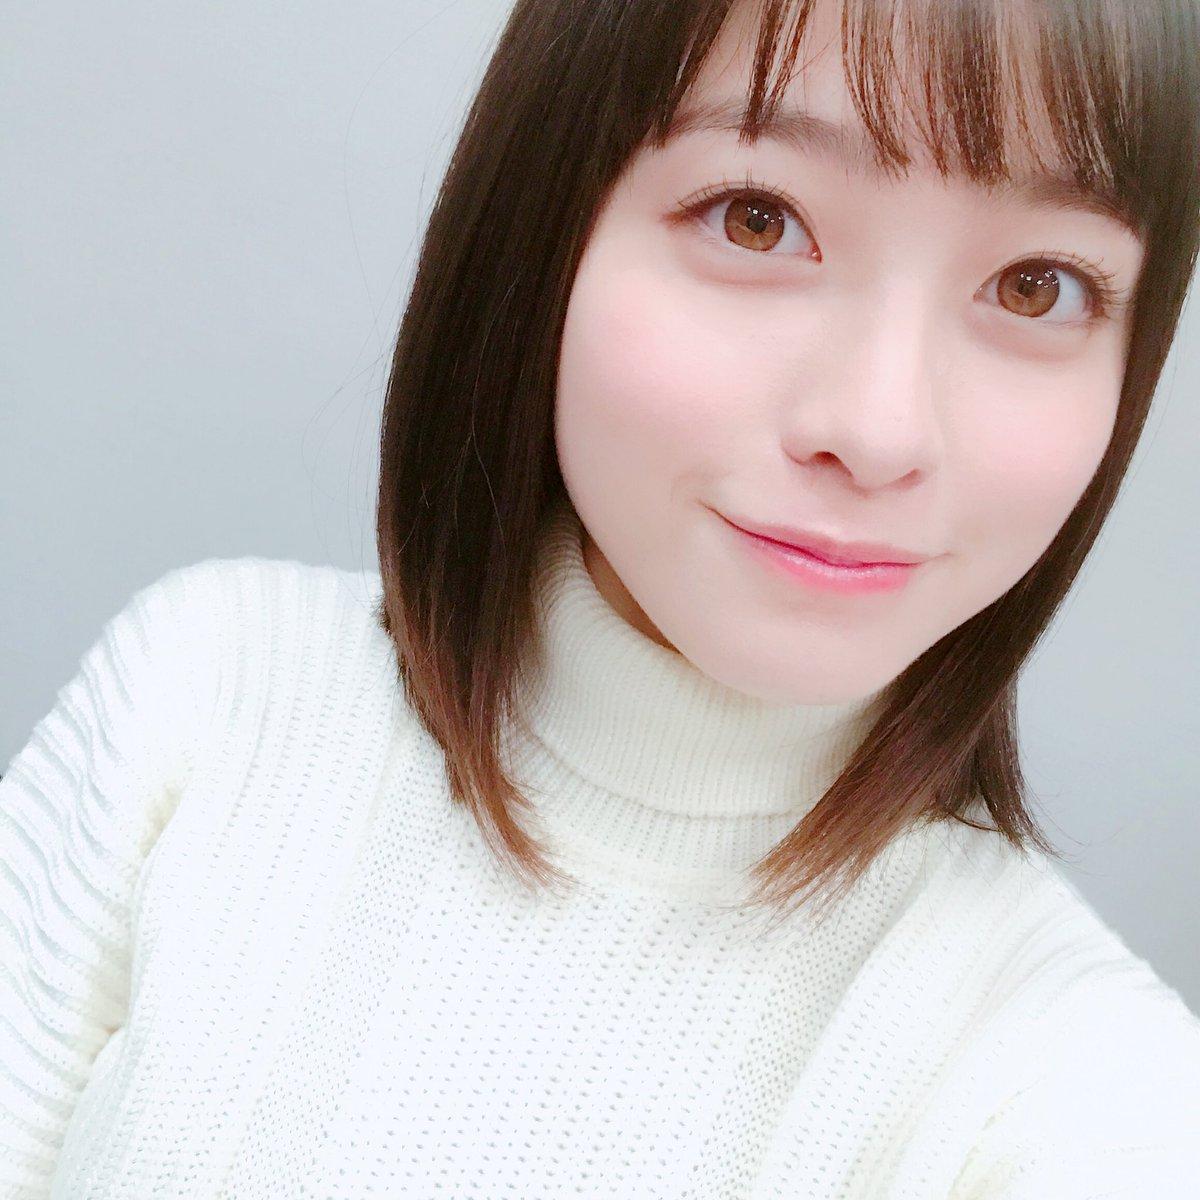 橋本環奈「鼻ほじ」が流行語!?今年の流行語大賞ノミネート30が発表!